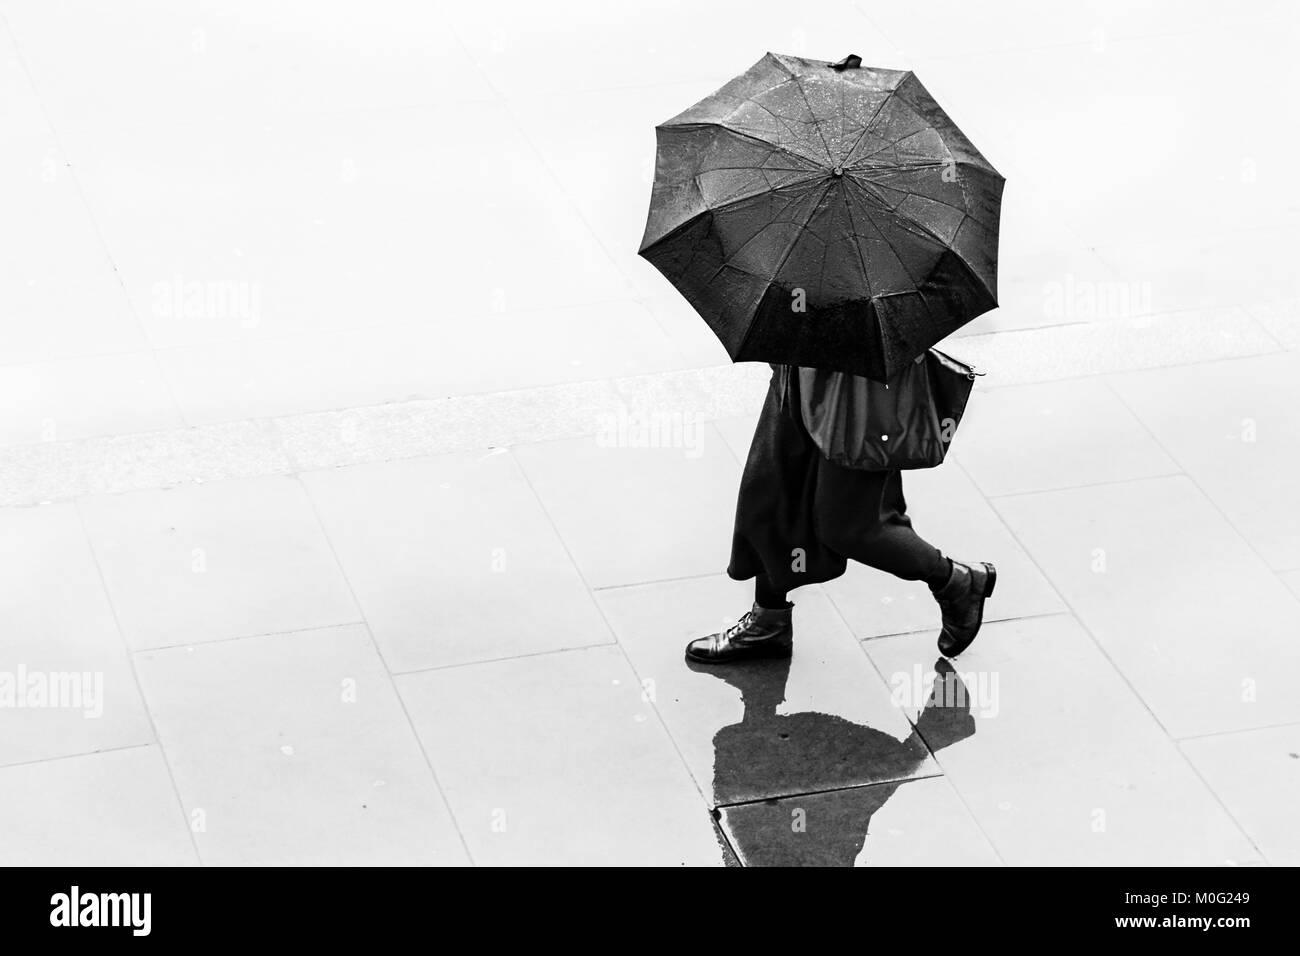 Londres en blanco y negro la fotografía de la calle: Mujer caminando en la lluvia con paraguas. Imagen De Stock